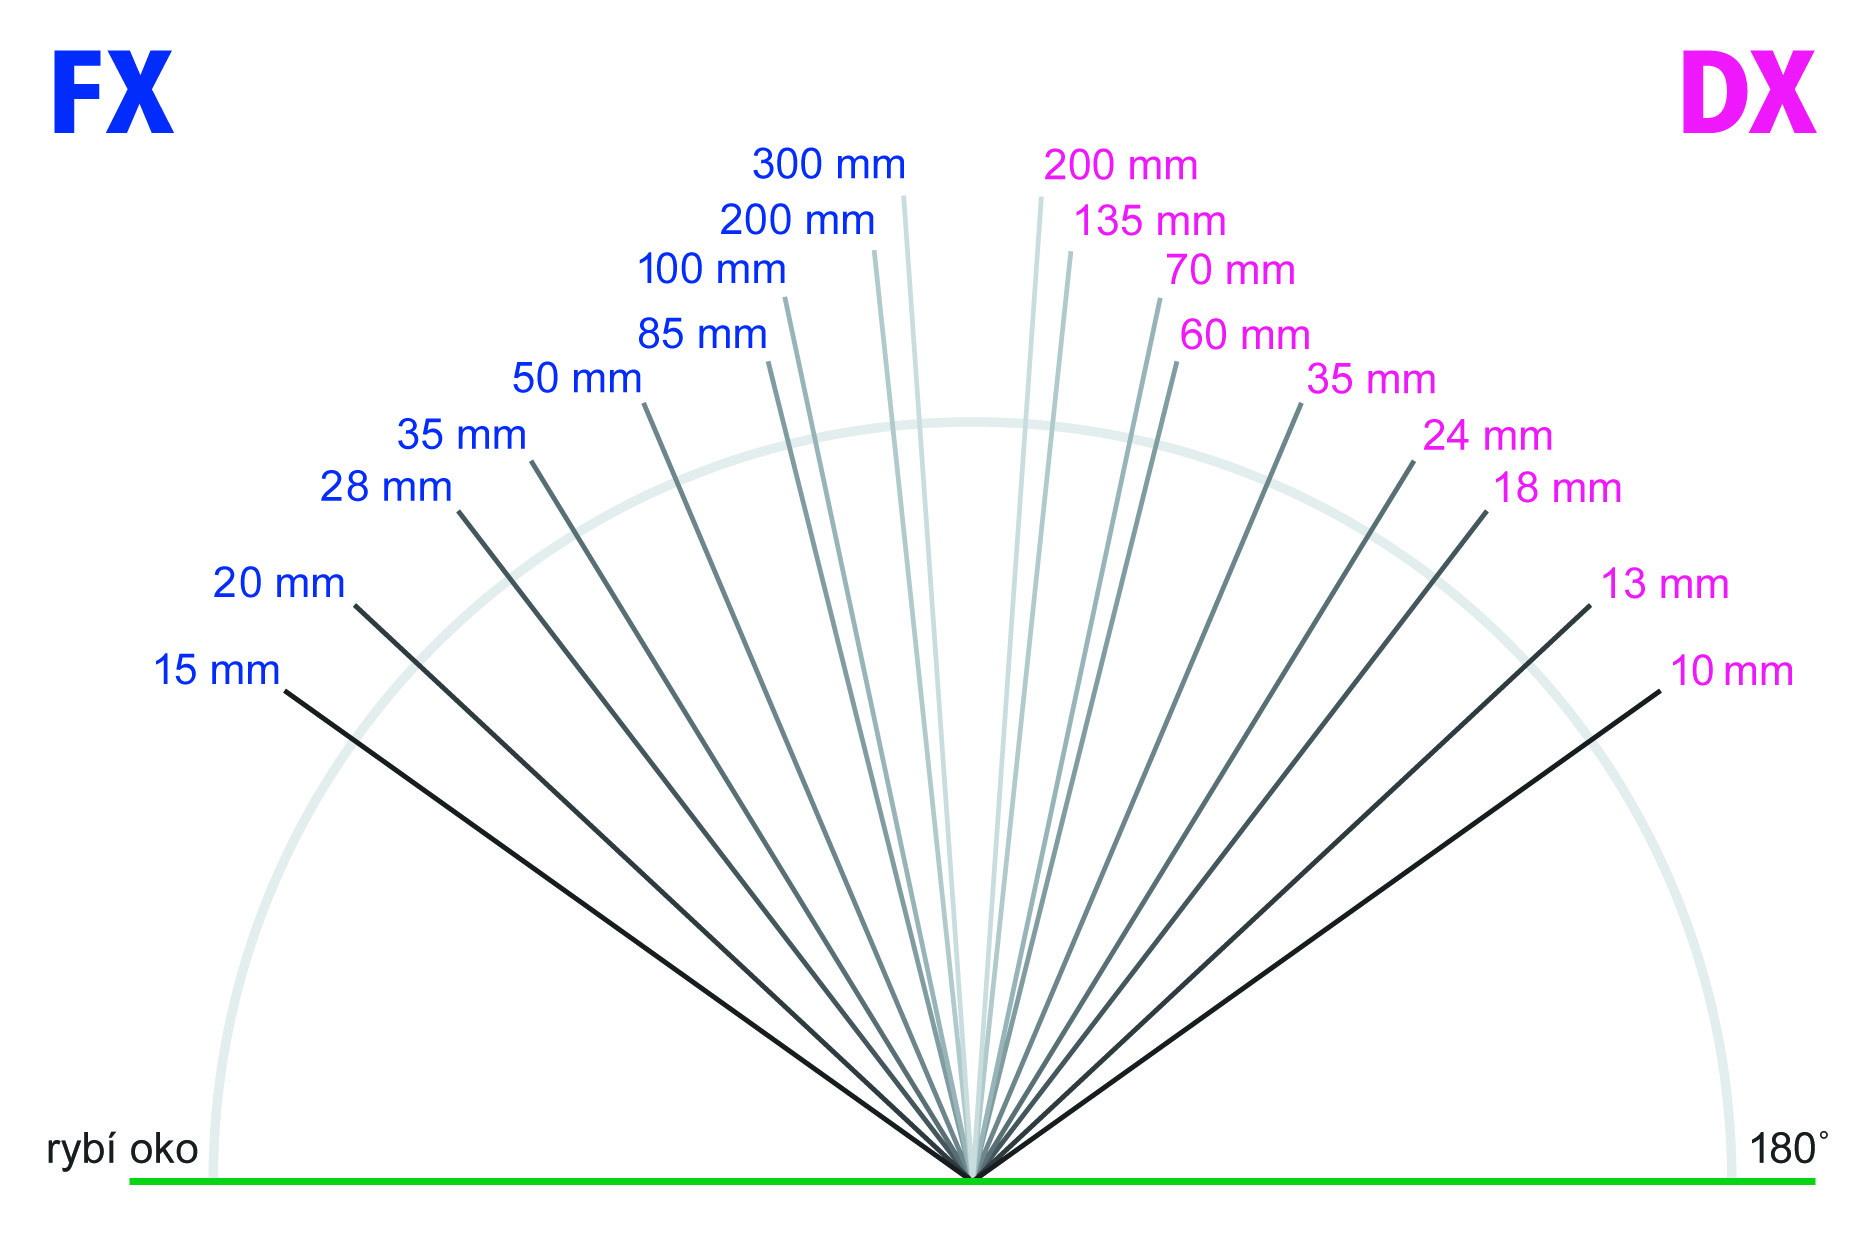 Porovnání ohniskových vzdáleností FX a DX objektivů